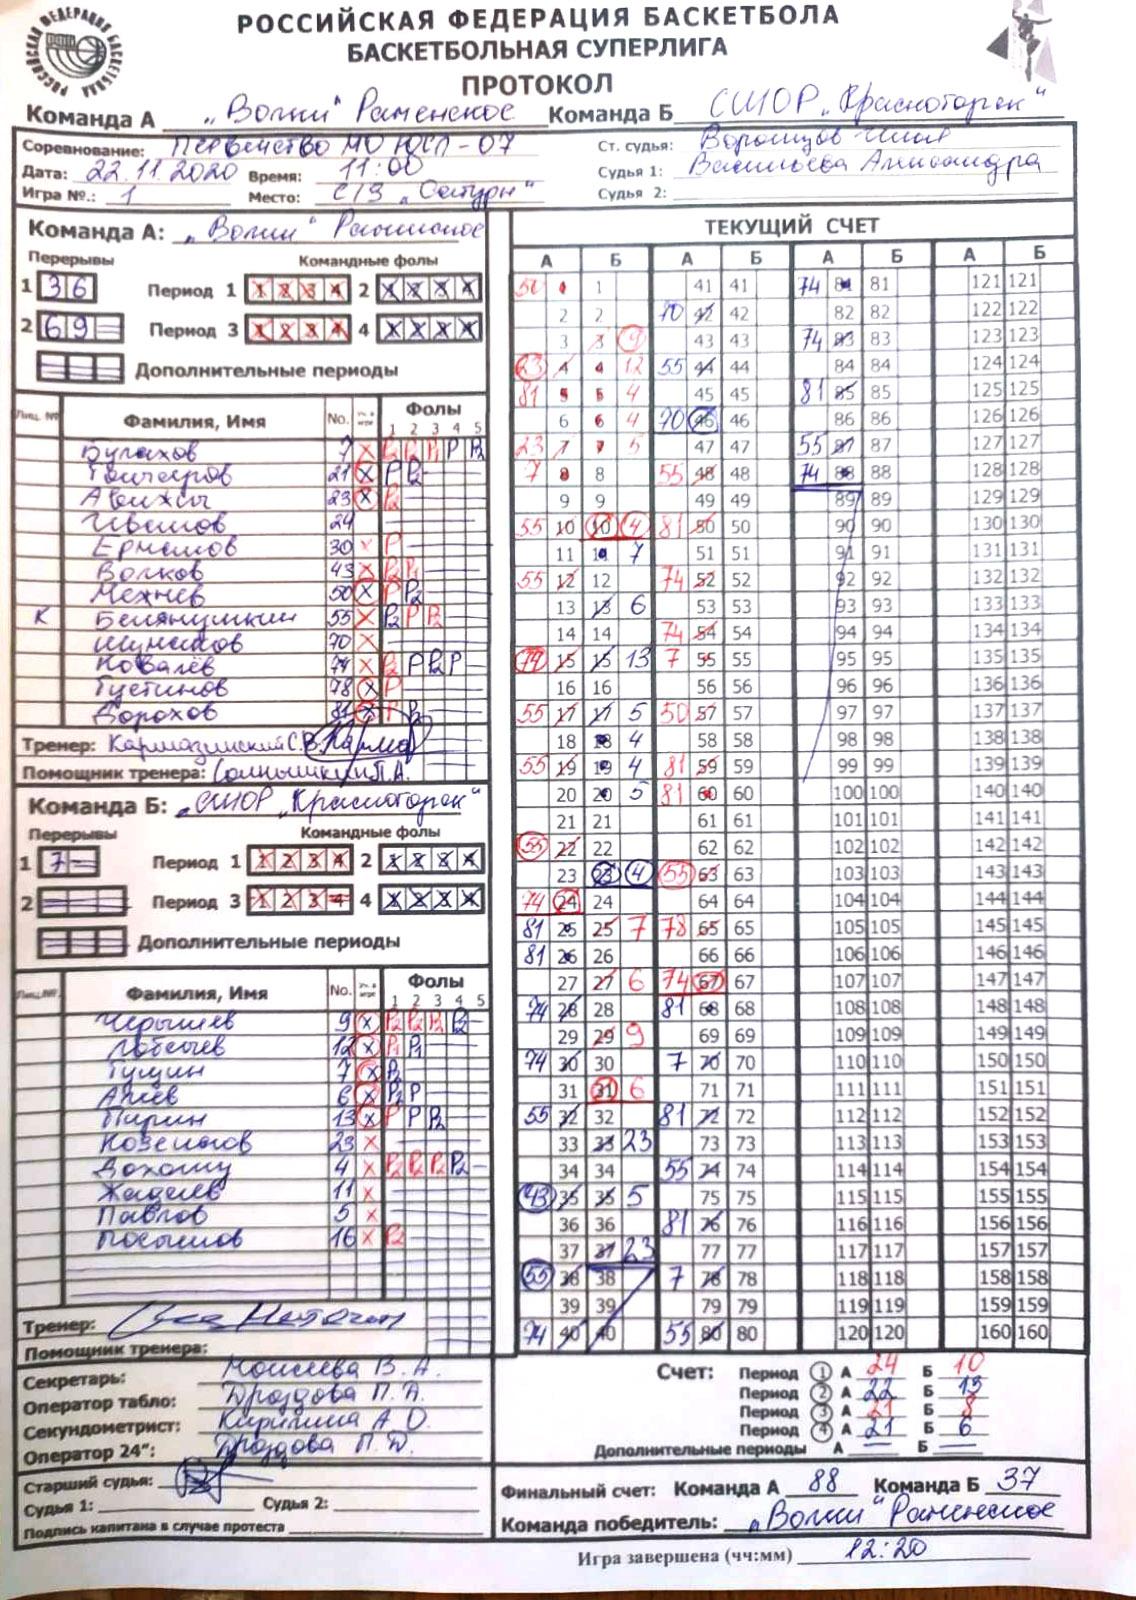 Протокол матча Волки - Красногорк в СЛ МО'07, 22.11.2020